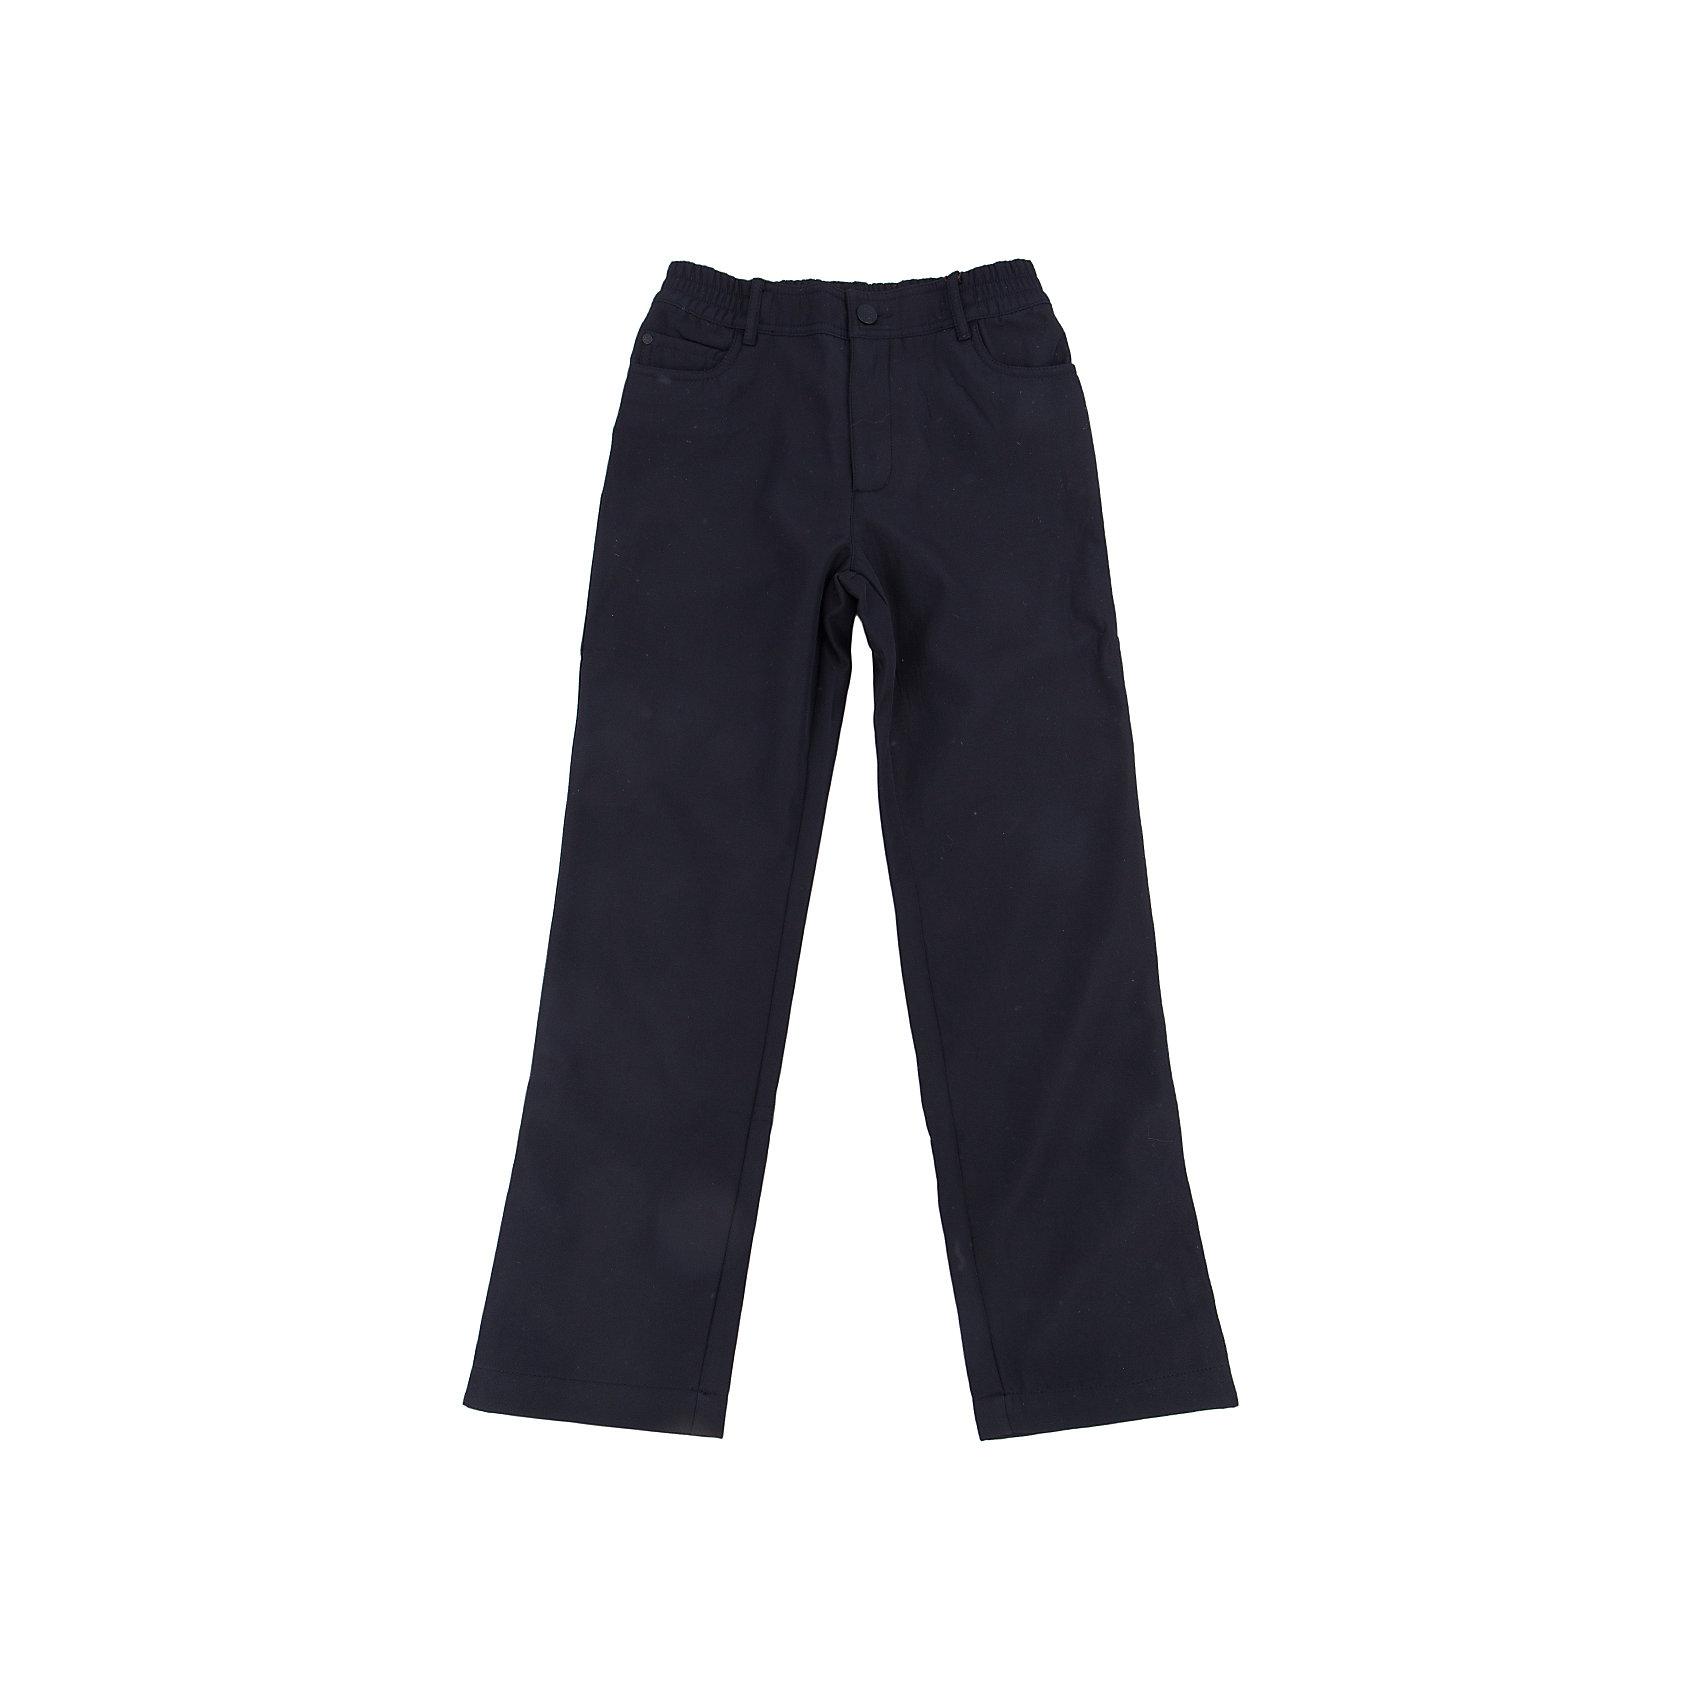 Брюки для мальчика Finn FlareБрюки<br>Брюки известной марки Finn Flare.<br><br>Школьные брюки для мальчика – классический вариант прямых брюк. Брюки застегиваются на молнию, плюс кнопка. Оснащены карманами и шлевками – петельками для ремня. <br><br>Фактура материала: Трикотажный<br>Вид застежки: Молния<br>Тип карманов: Втачные <br><br>Состав: 100% полиэстер<br><br>Брюки для мальчика Finn Flare можно купить в нашем интернет-магазине.<br><br>Ширина мм: 215<br>Глубина мм: 88<br>Высота мм: 191<br>Вес г: 336<br>Цвет: черный<br>Возраст от месяцев: 144<br>Возраст до месяцев: 156<br>Пол: Мужской<br>Возраст: Детский<br>Размер: 158,122,134,146<br>SKU: 4890350